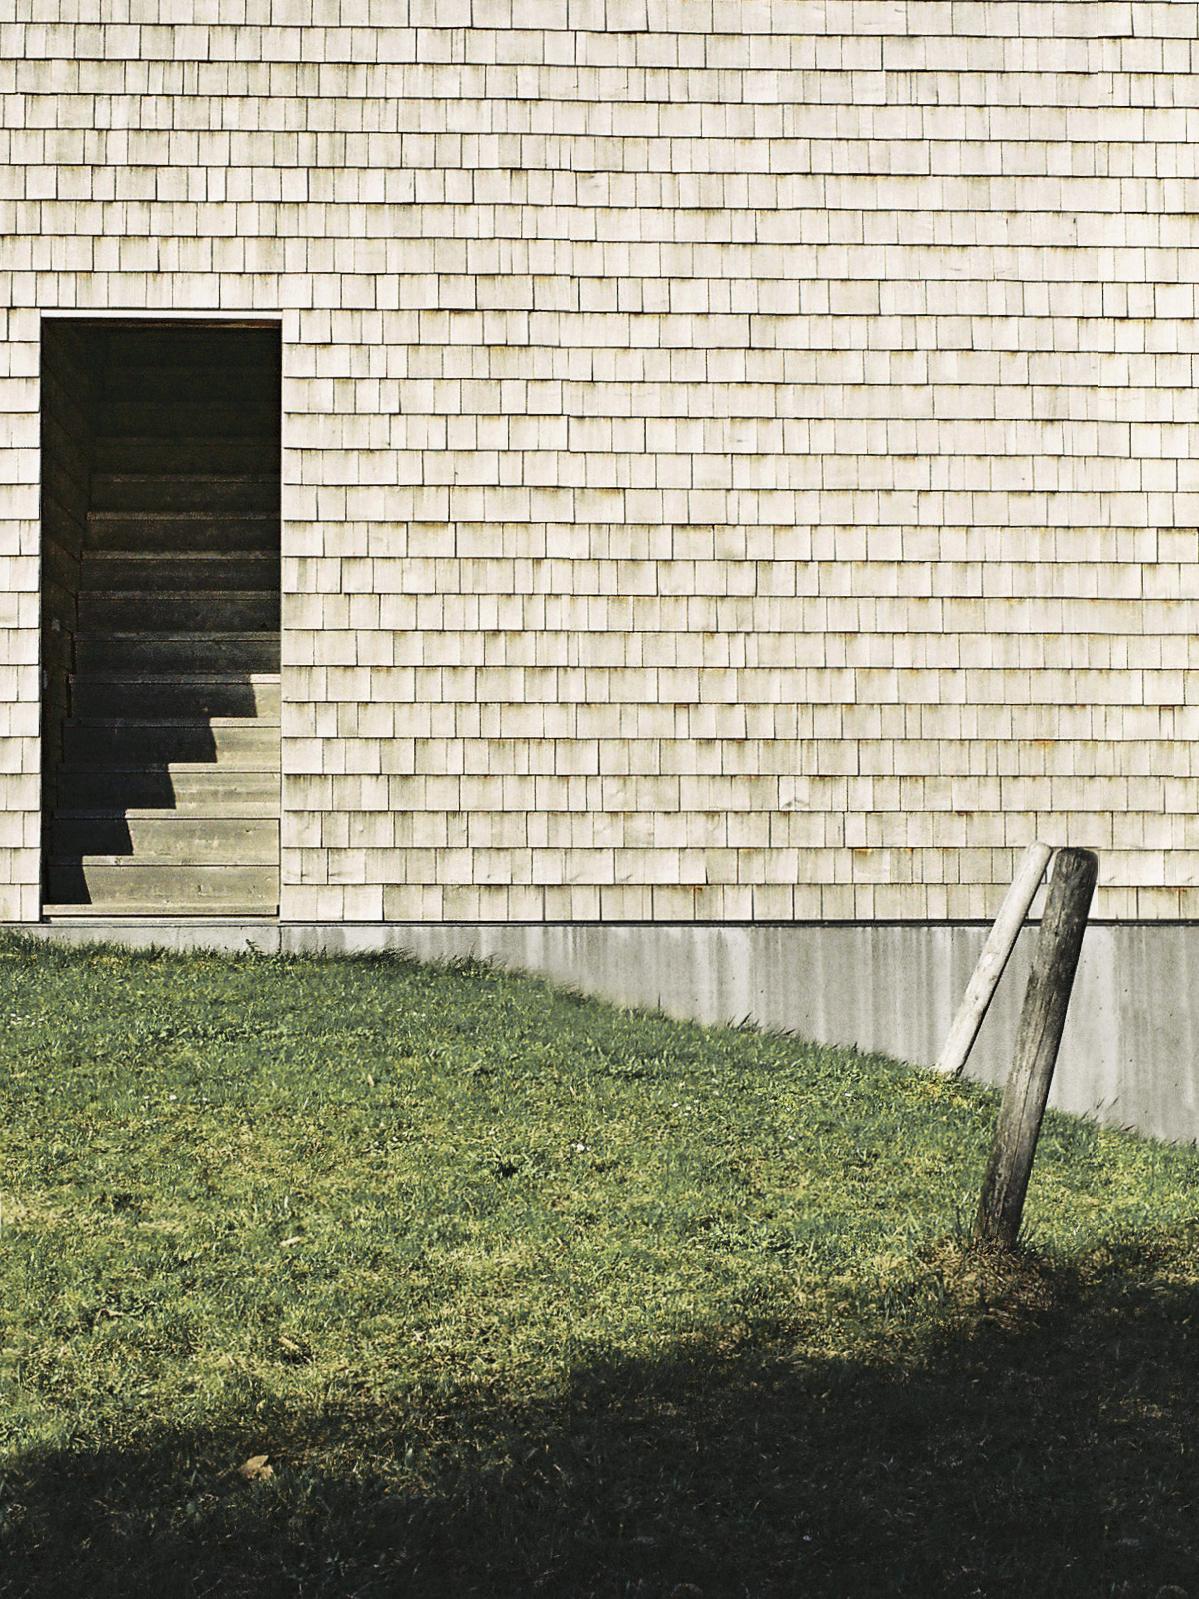 Michael-Becker-Architects-Architekten-Haus-g-01